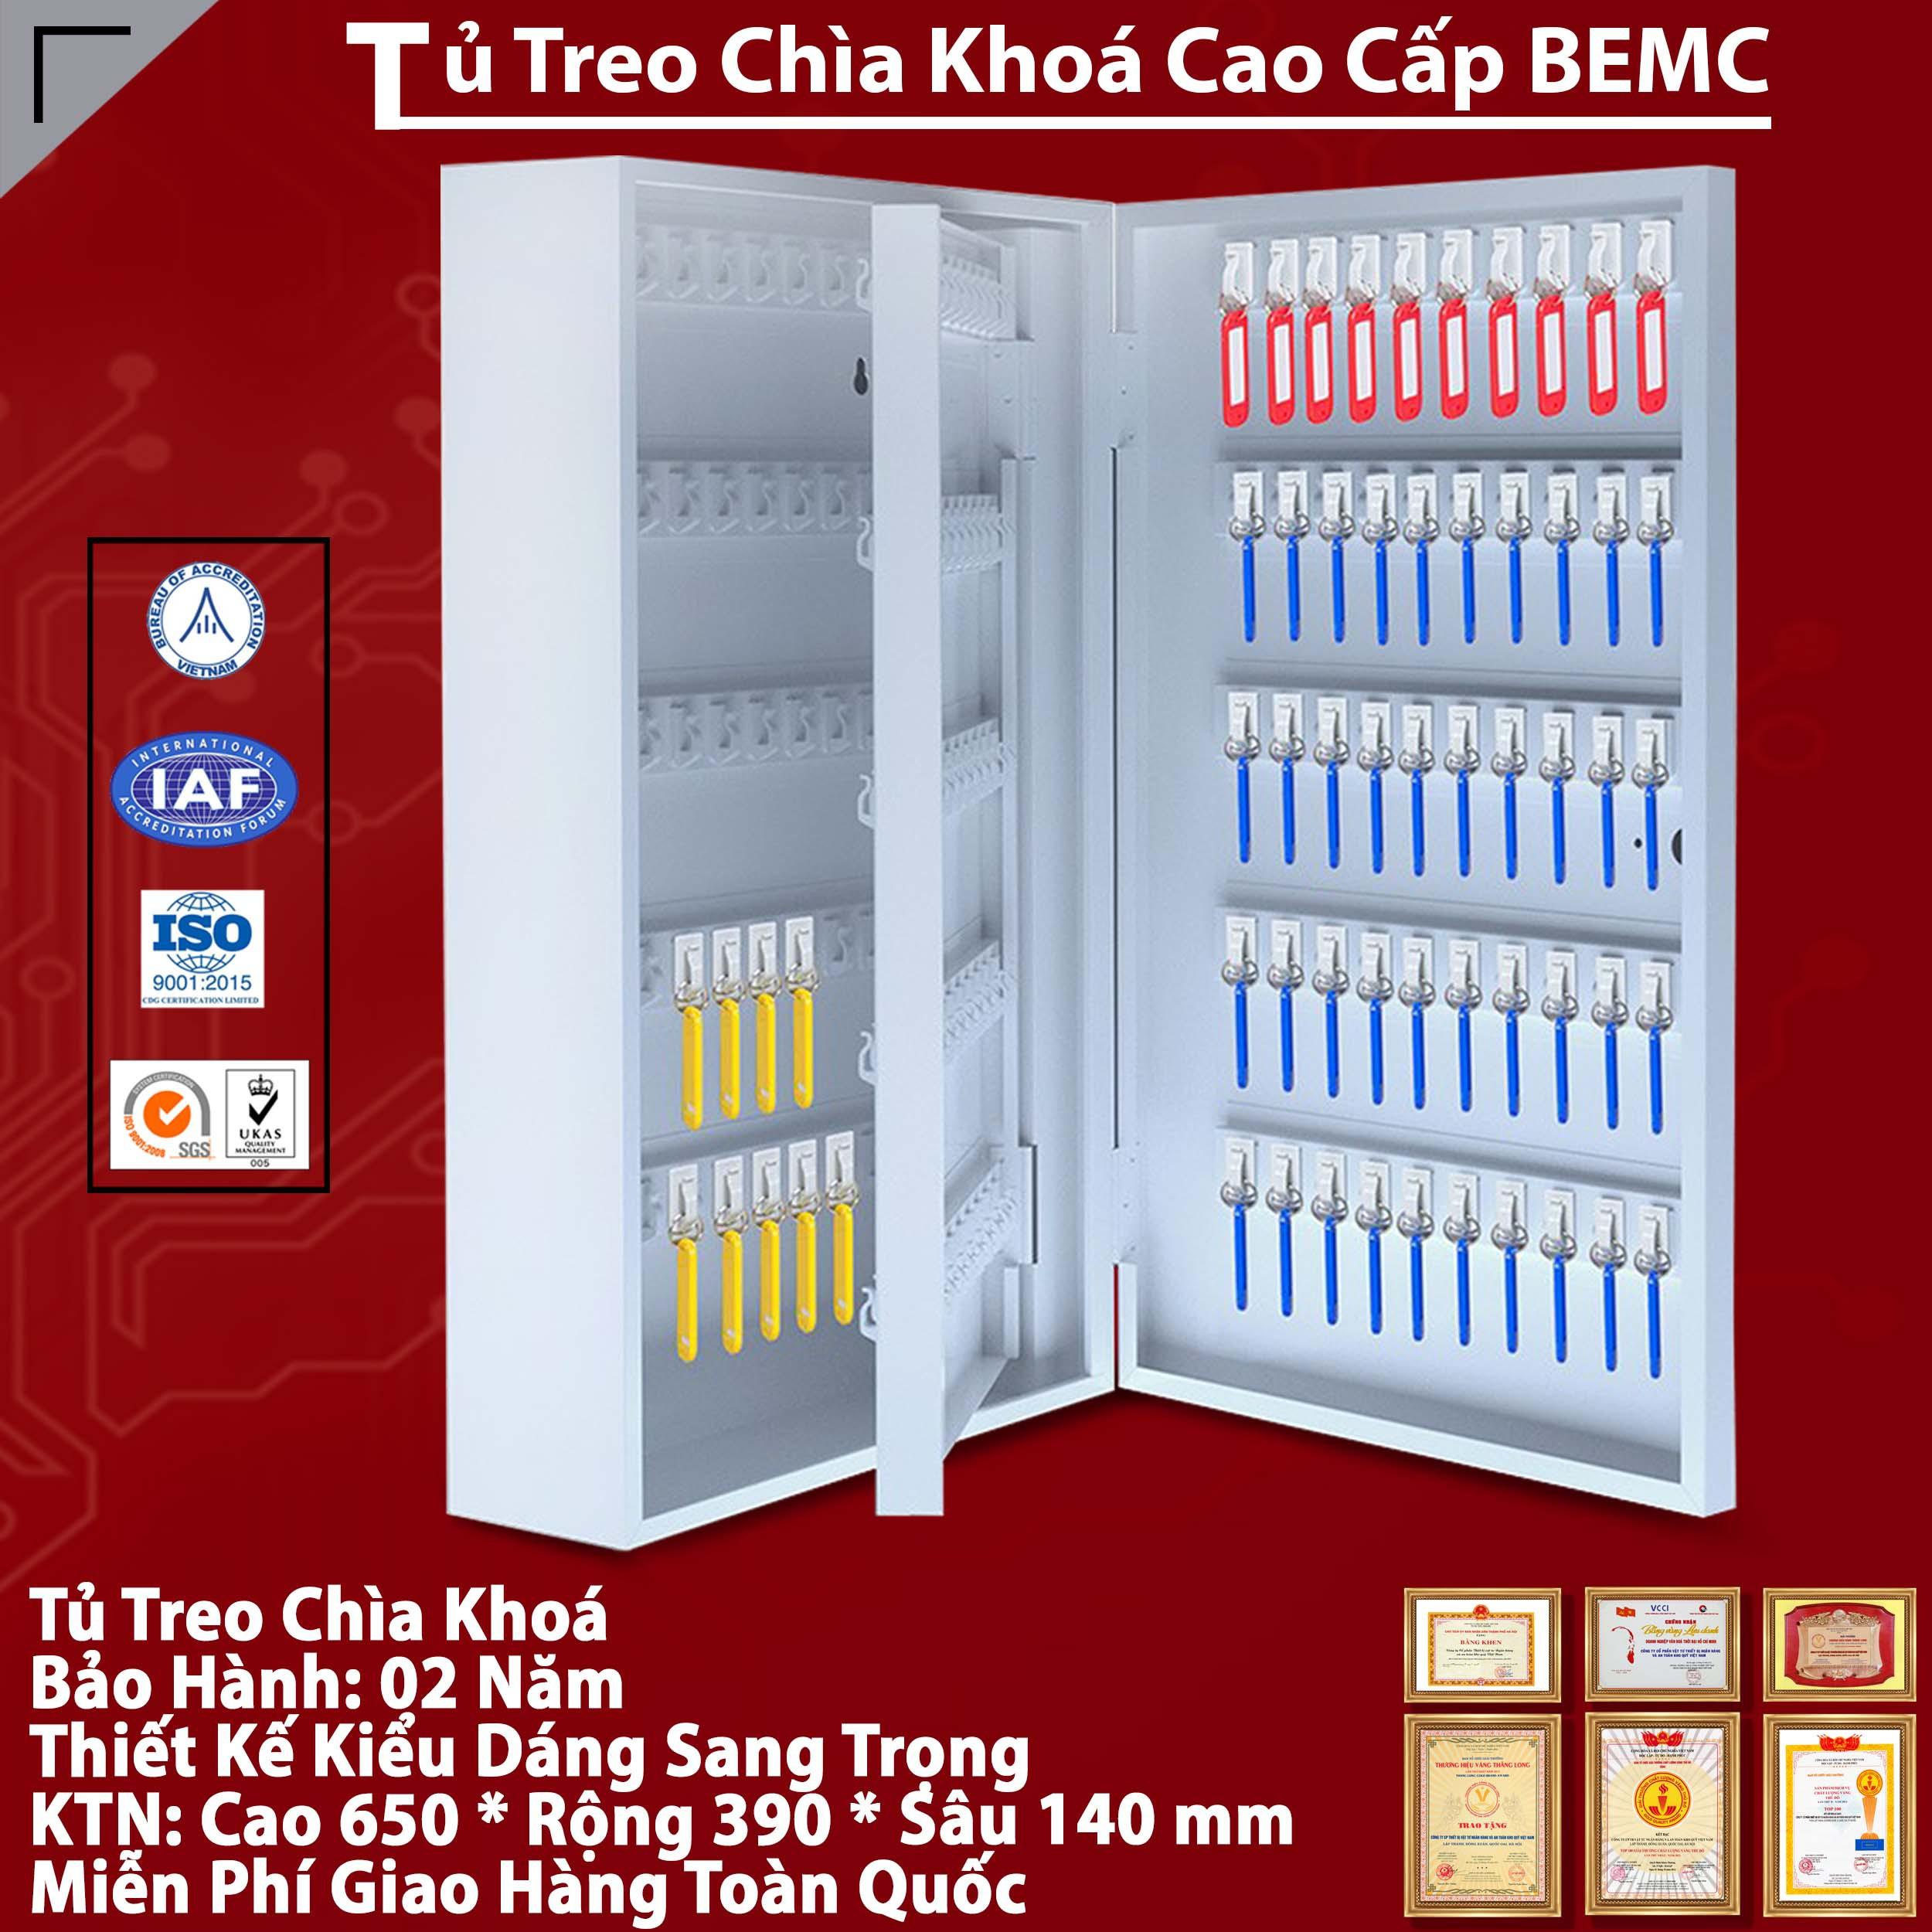 Tủ treo chìa khóa BEMC-200 giá tốt